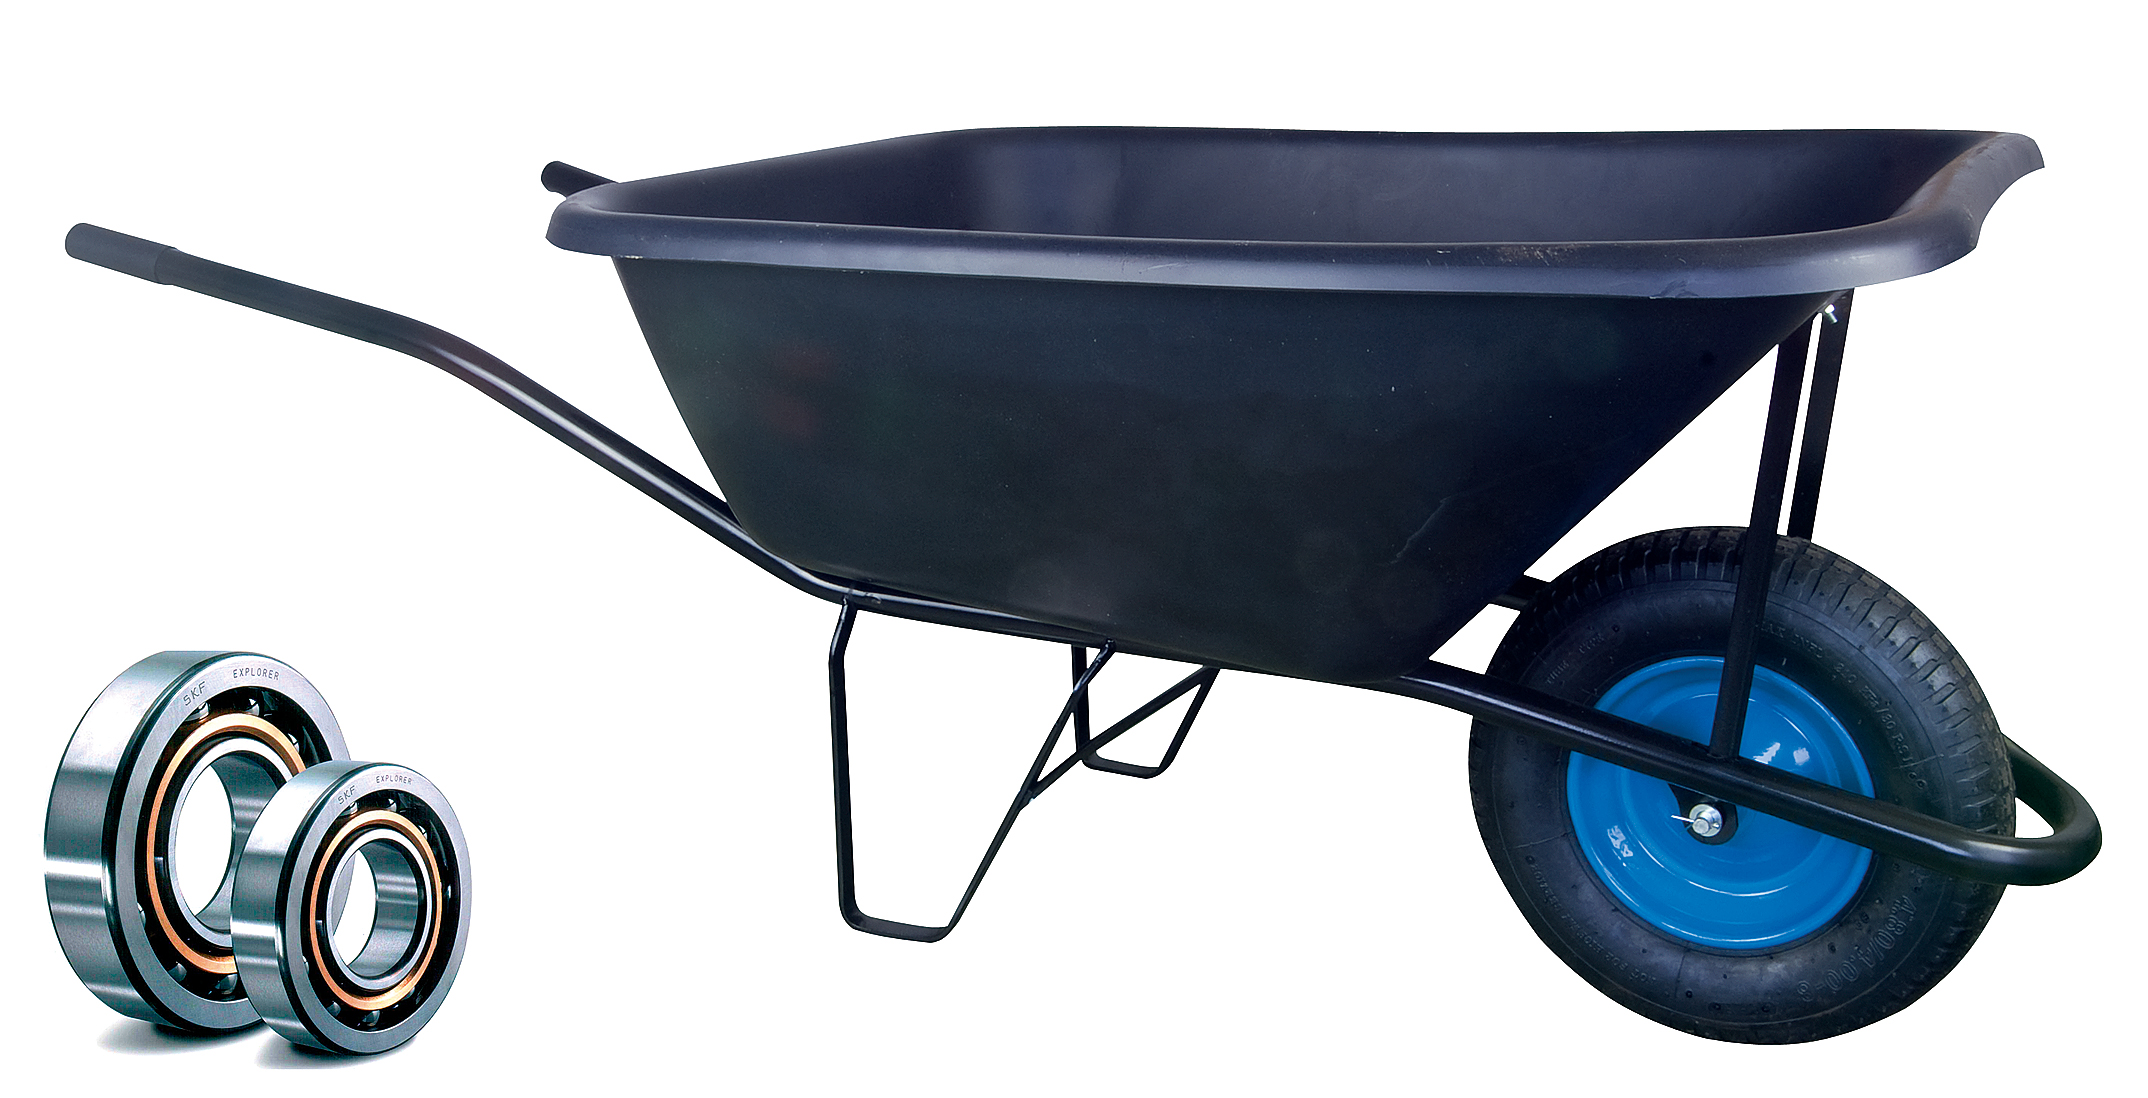 HTI Zahradní kolečko PROFI 120l s nafukovací pneumatikou KULIČKOVÁ LOŽISKA KZL07